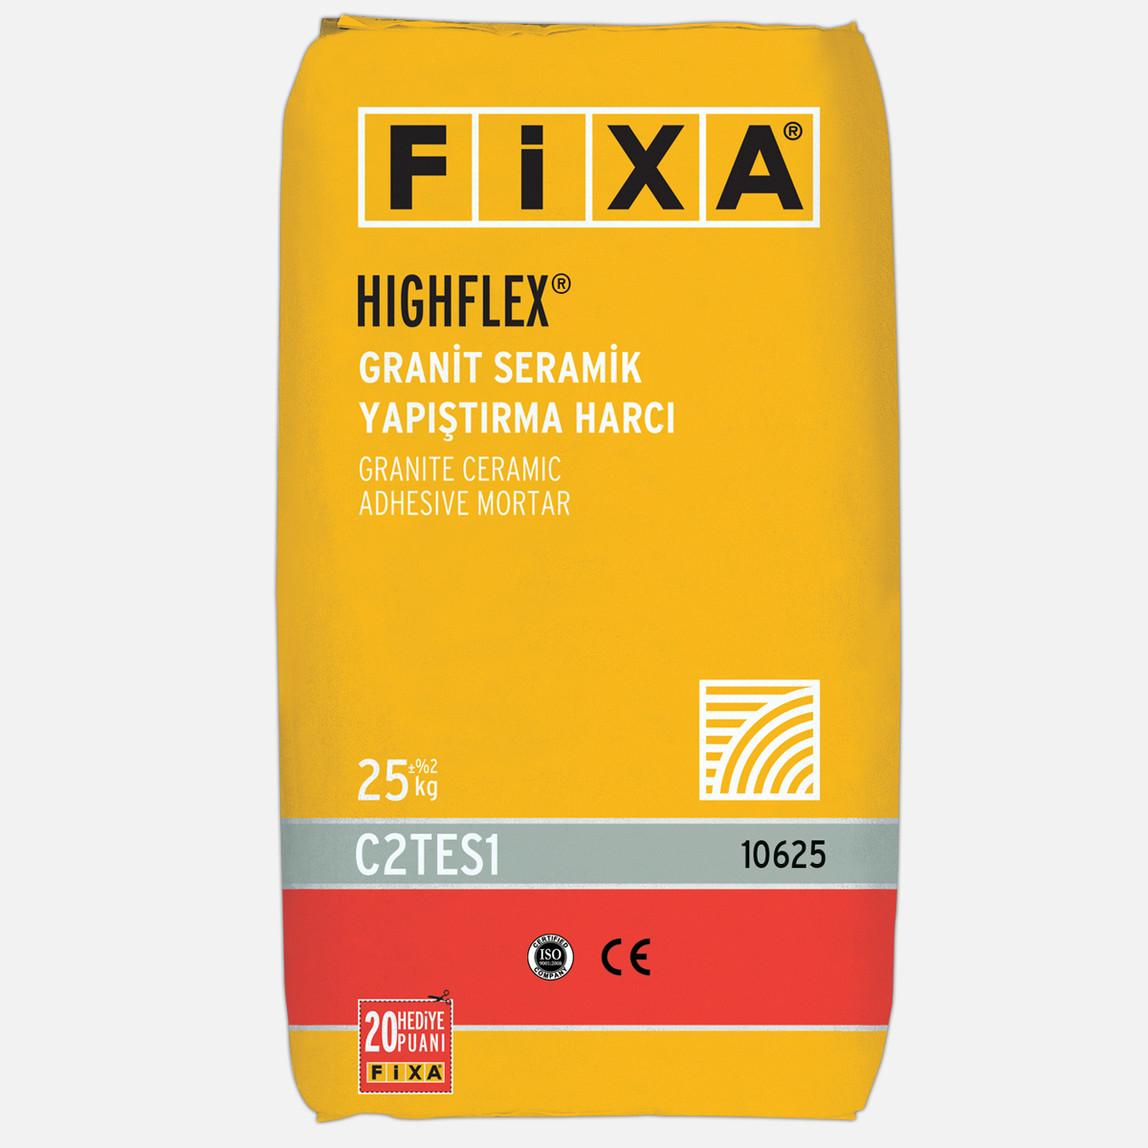 Fixa Highflex Granit Seramik Yapıştırma Harcı